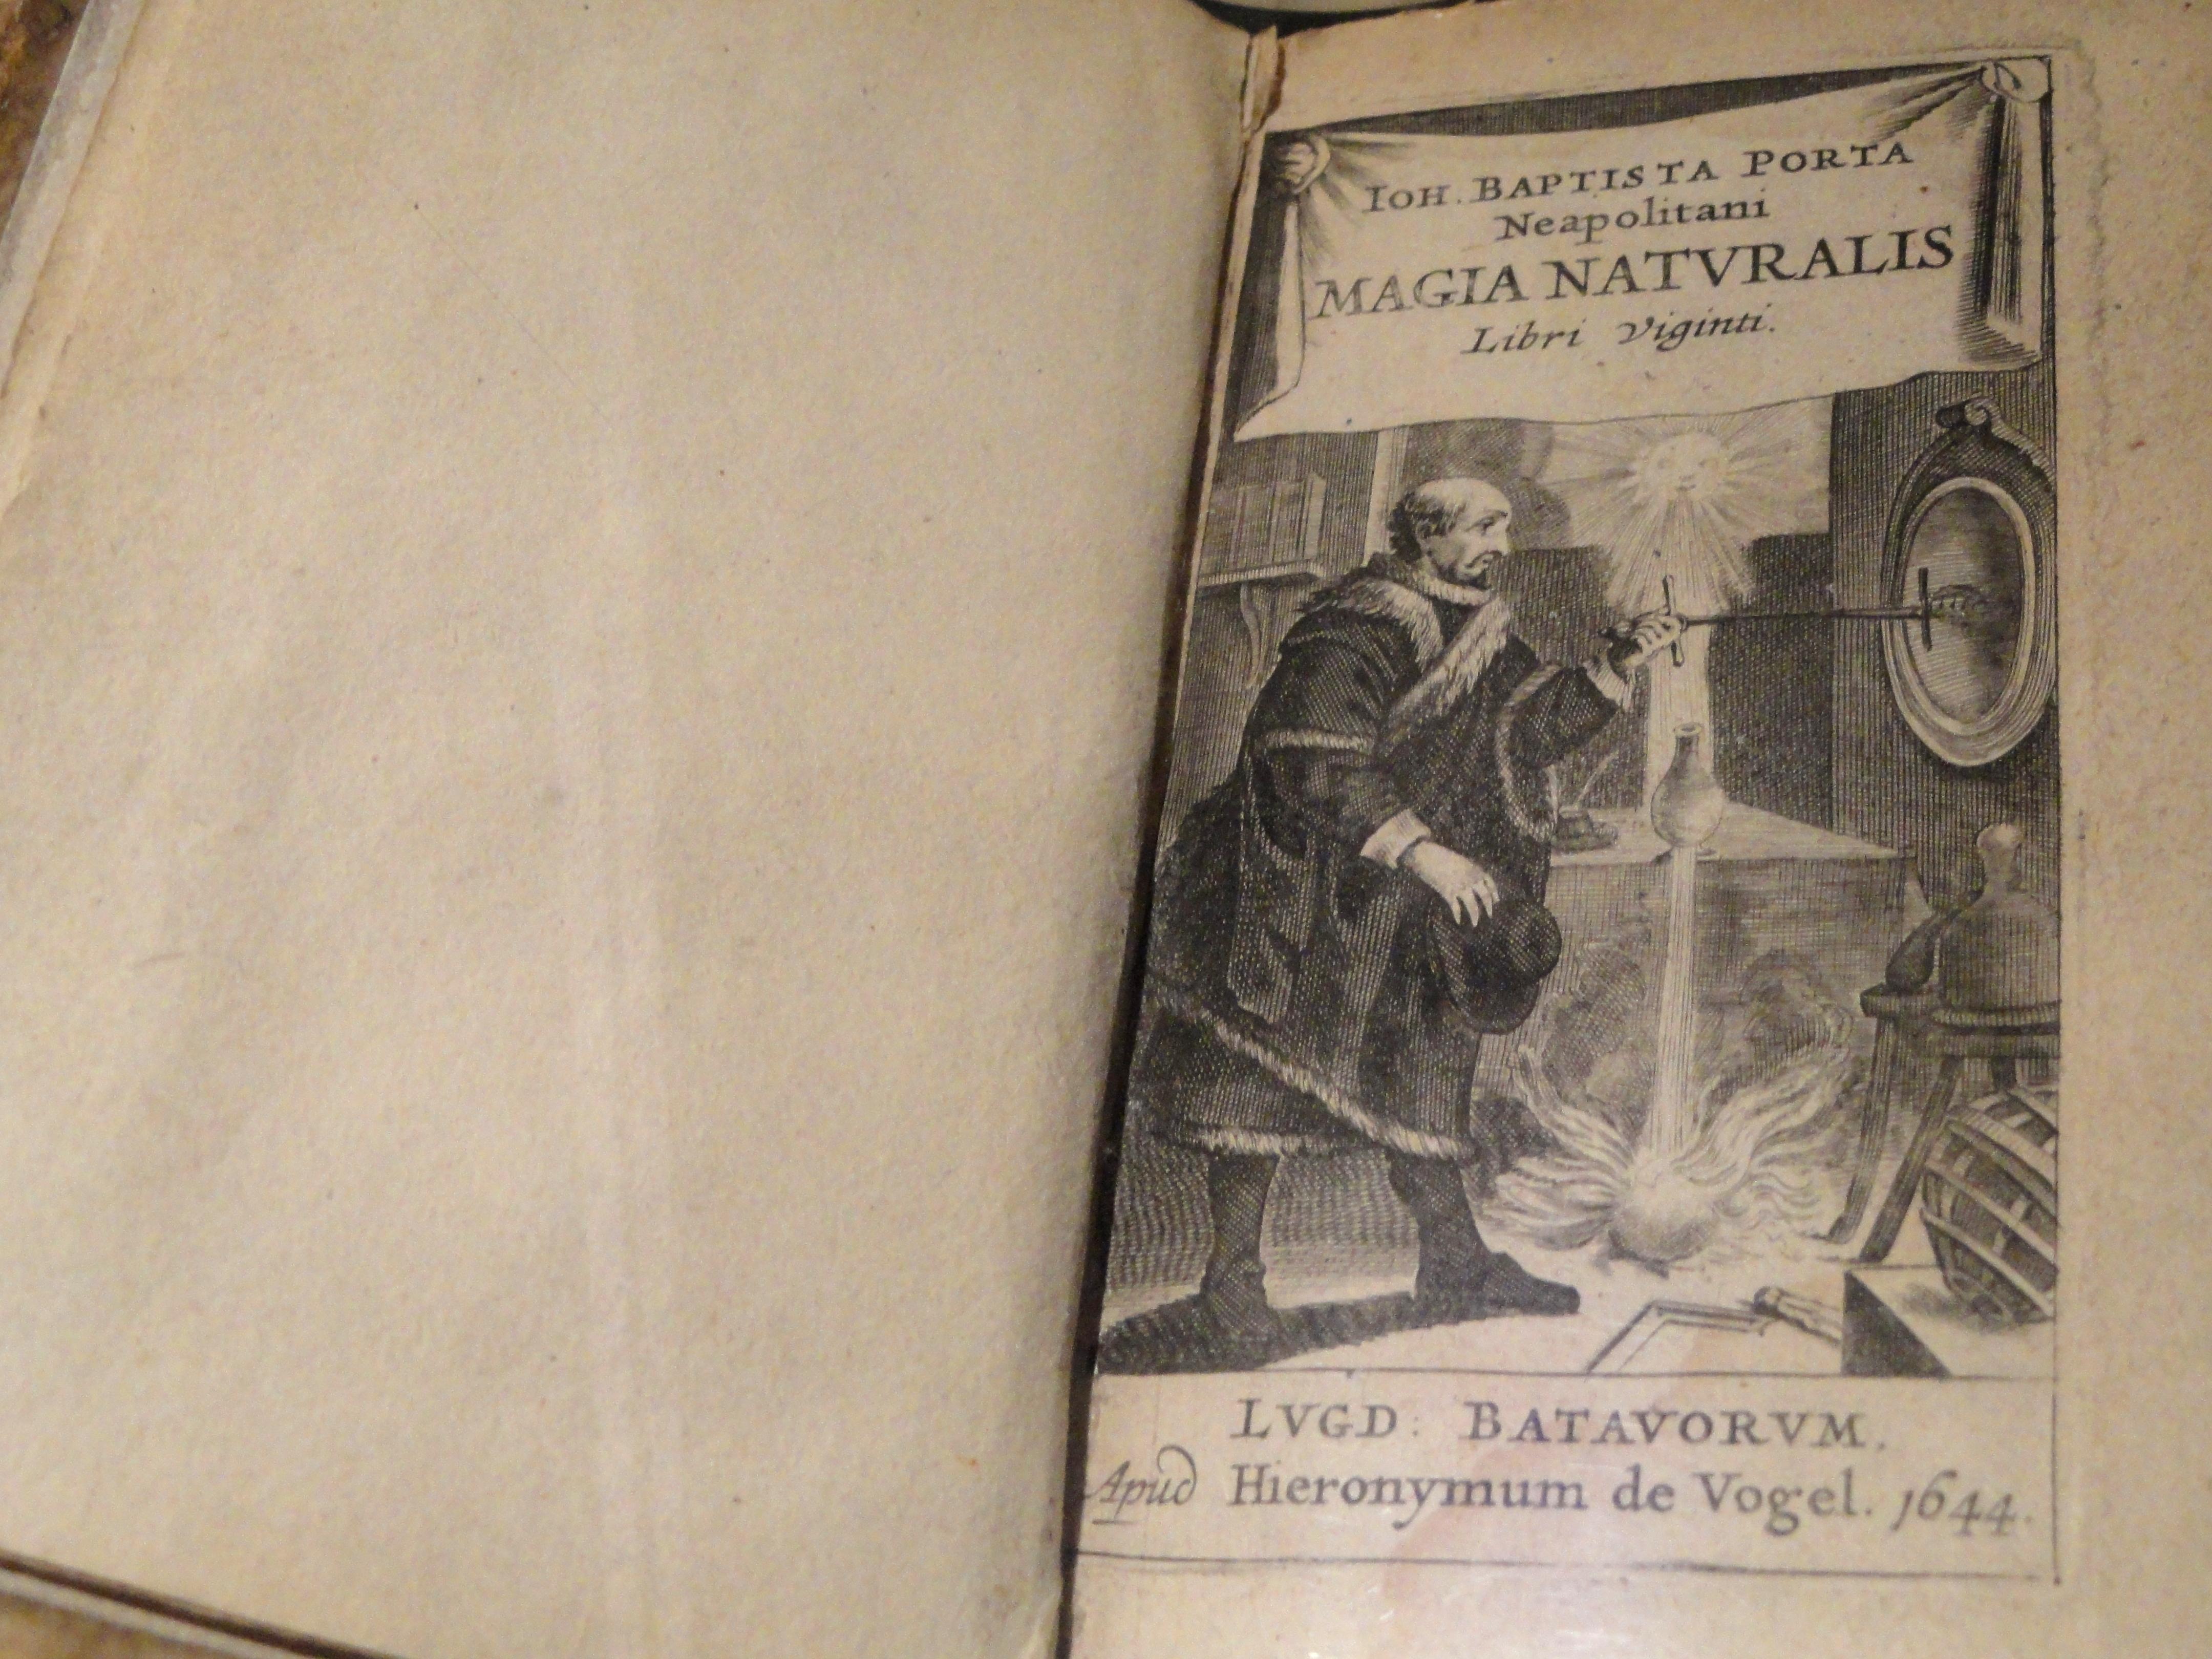 Magia Naturalis.  Giambattista de la Porta Magia_Naturalis,_by_Giovanni_Battista_Porta,_first_published_1558,_this_edition_1644_-_National_Cryptologic_Museum_-_DSC07744